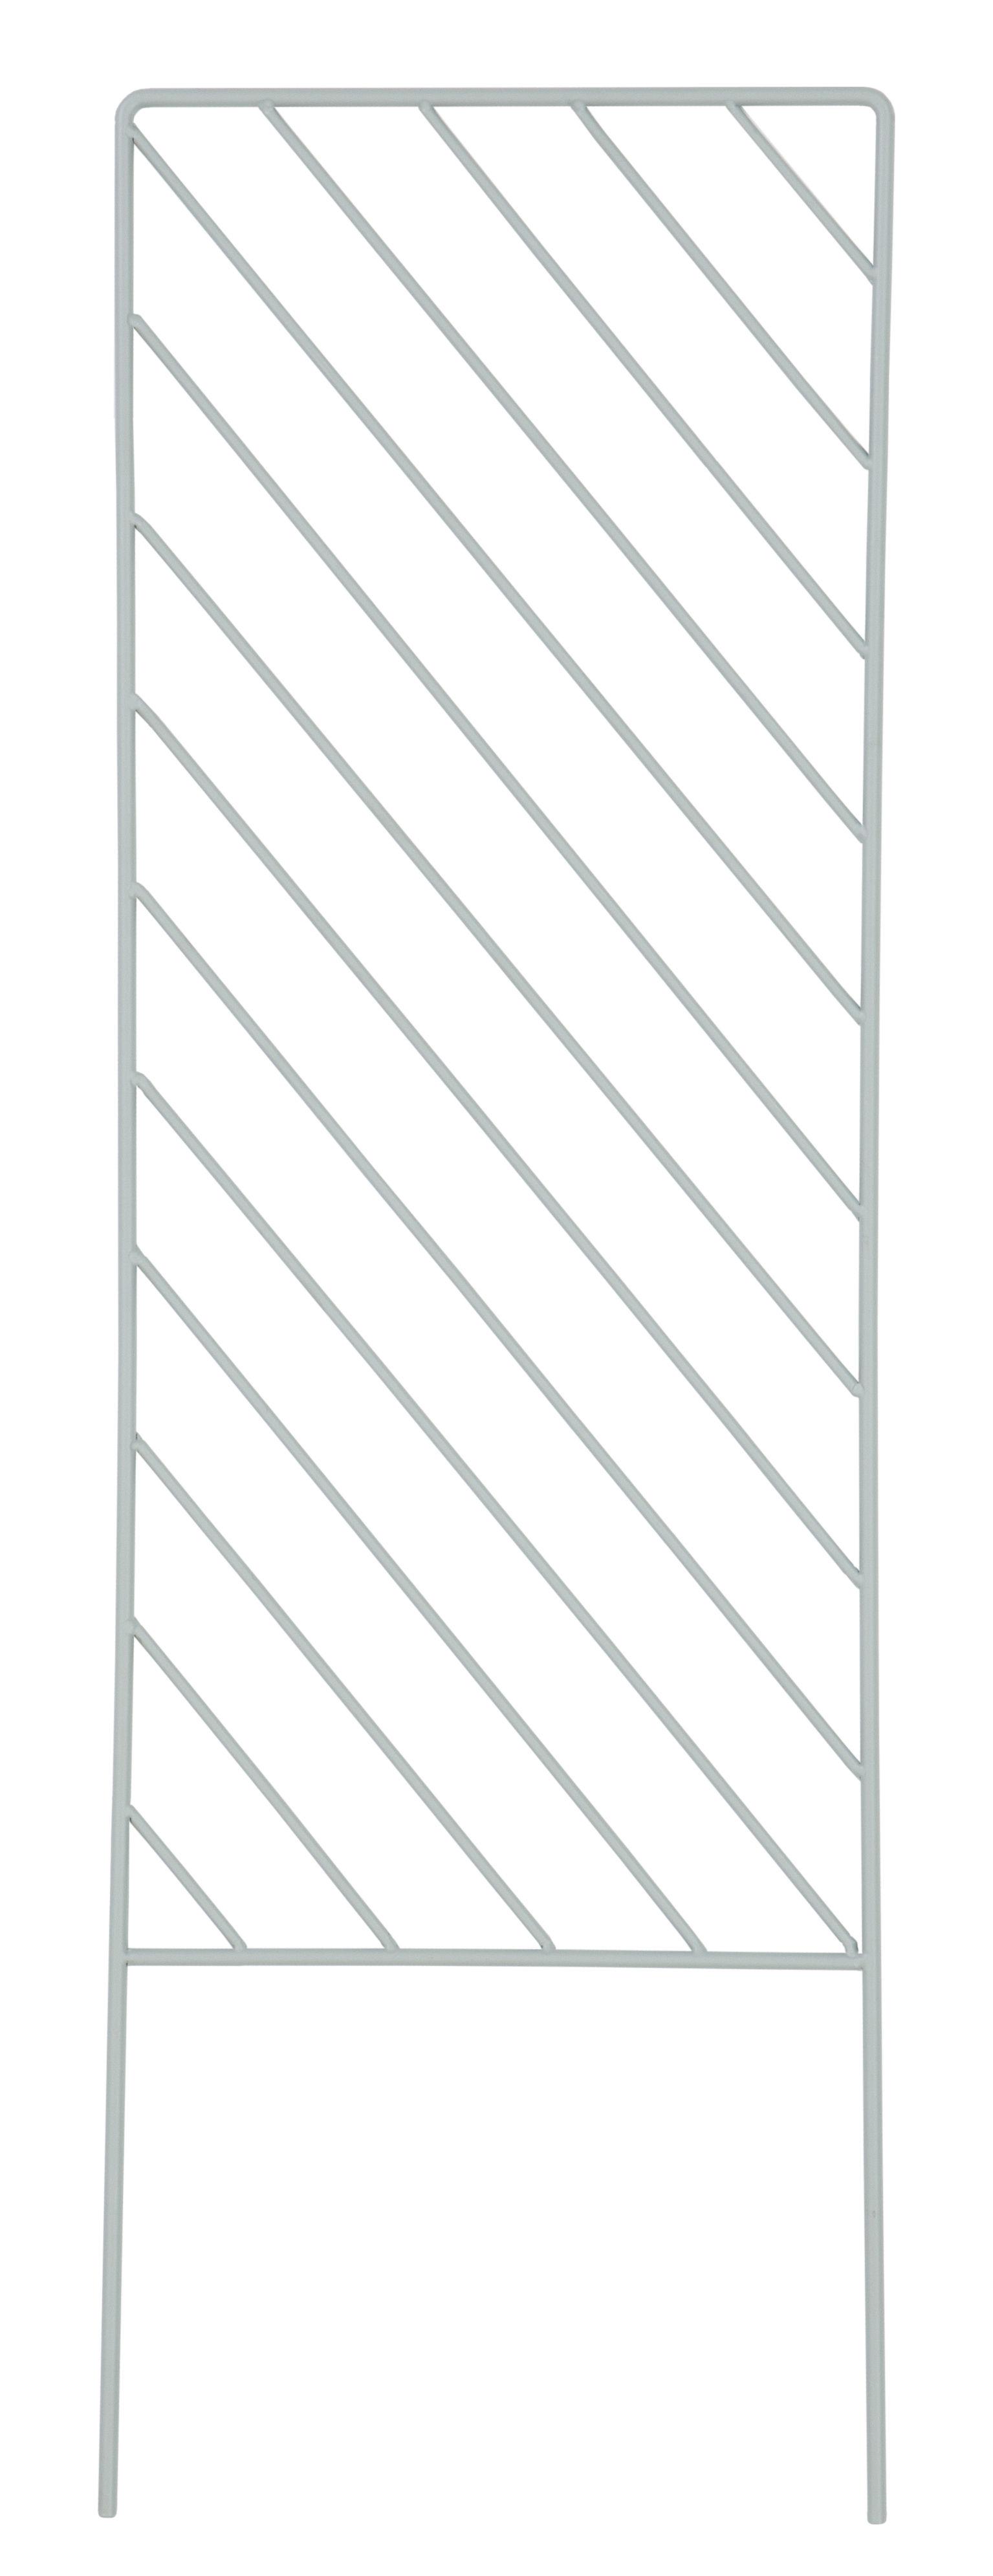 Outdoor - Töpfe und Pflanzen - Plant Wall Rectangle Stütze / für Kletterpflanzen - Ferm Living - Mintgrün - lackiertes Metall